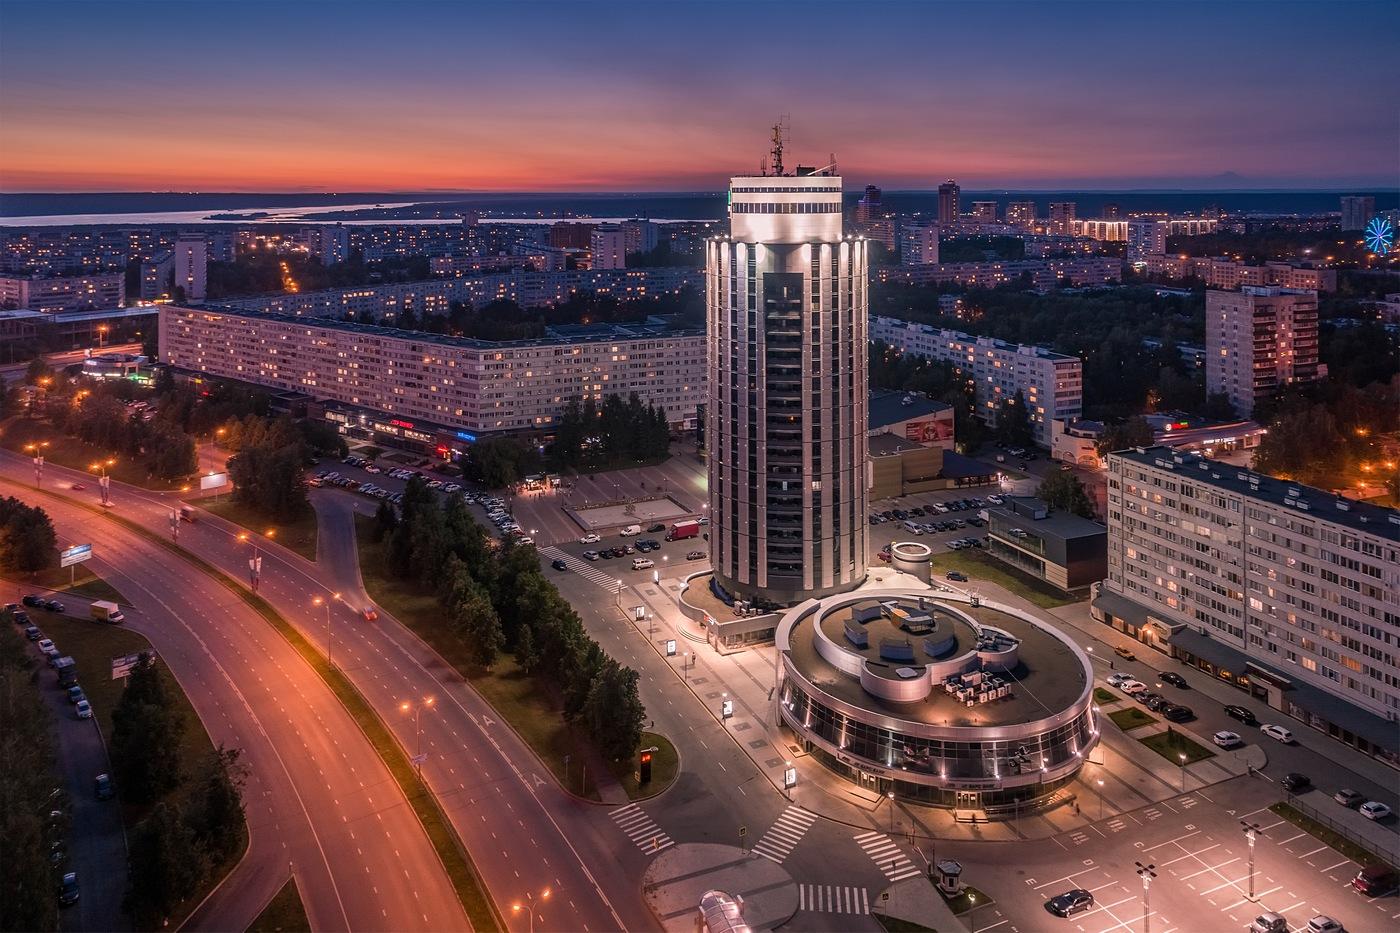 фотографии города набережных челнов весенние инвестиции